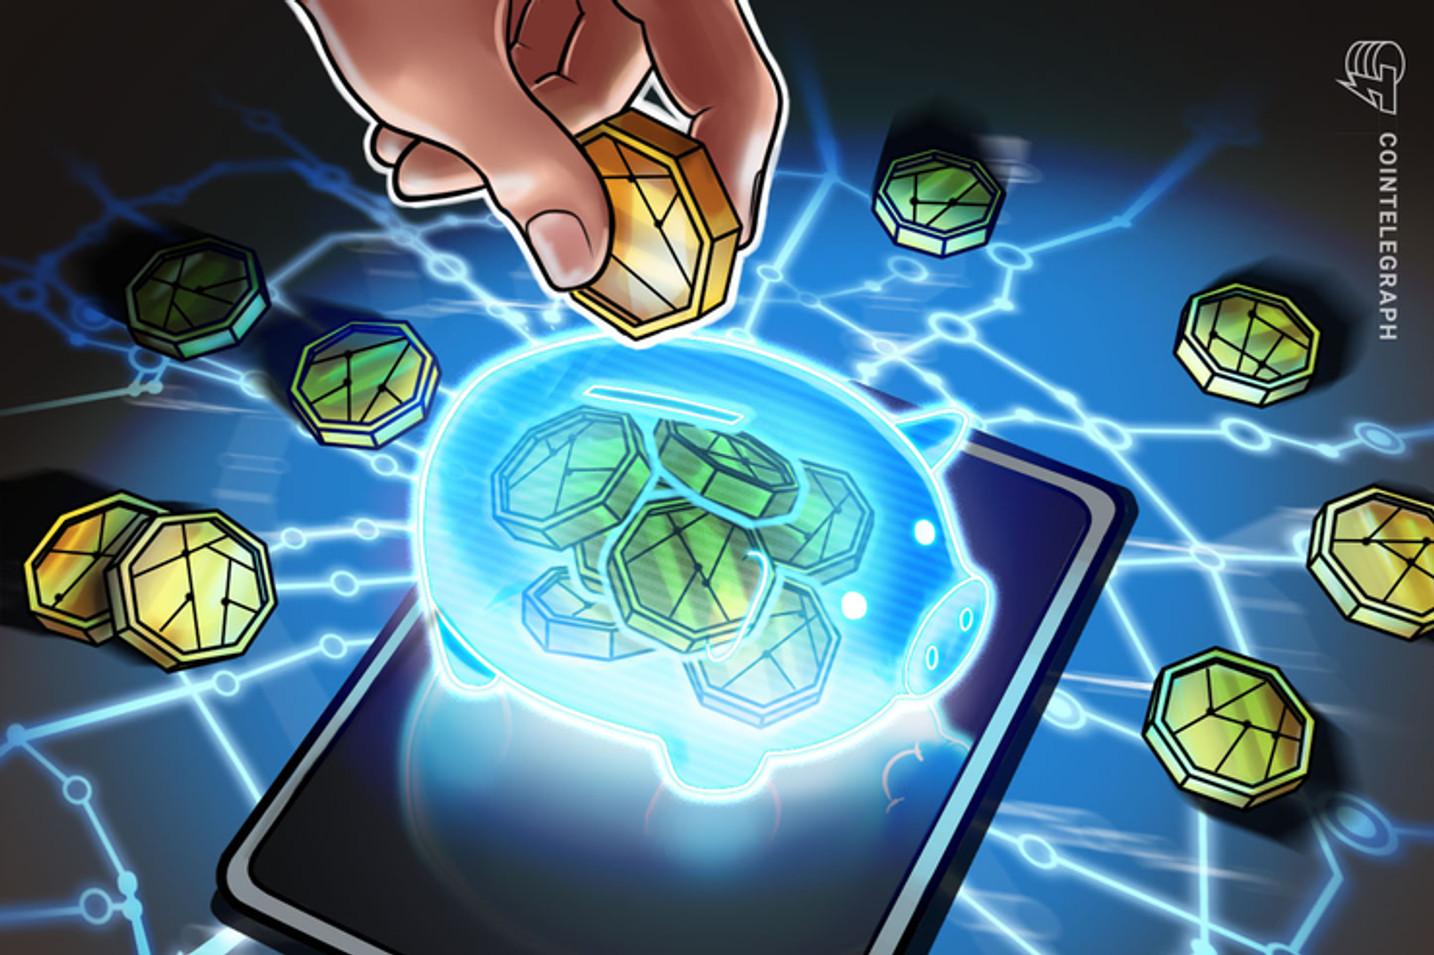 Maior golpe da história Plustoken teria arrecadado 201 mil Bitcoin, 10 milhões de ETH; cerca de R$ 11 bilhões